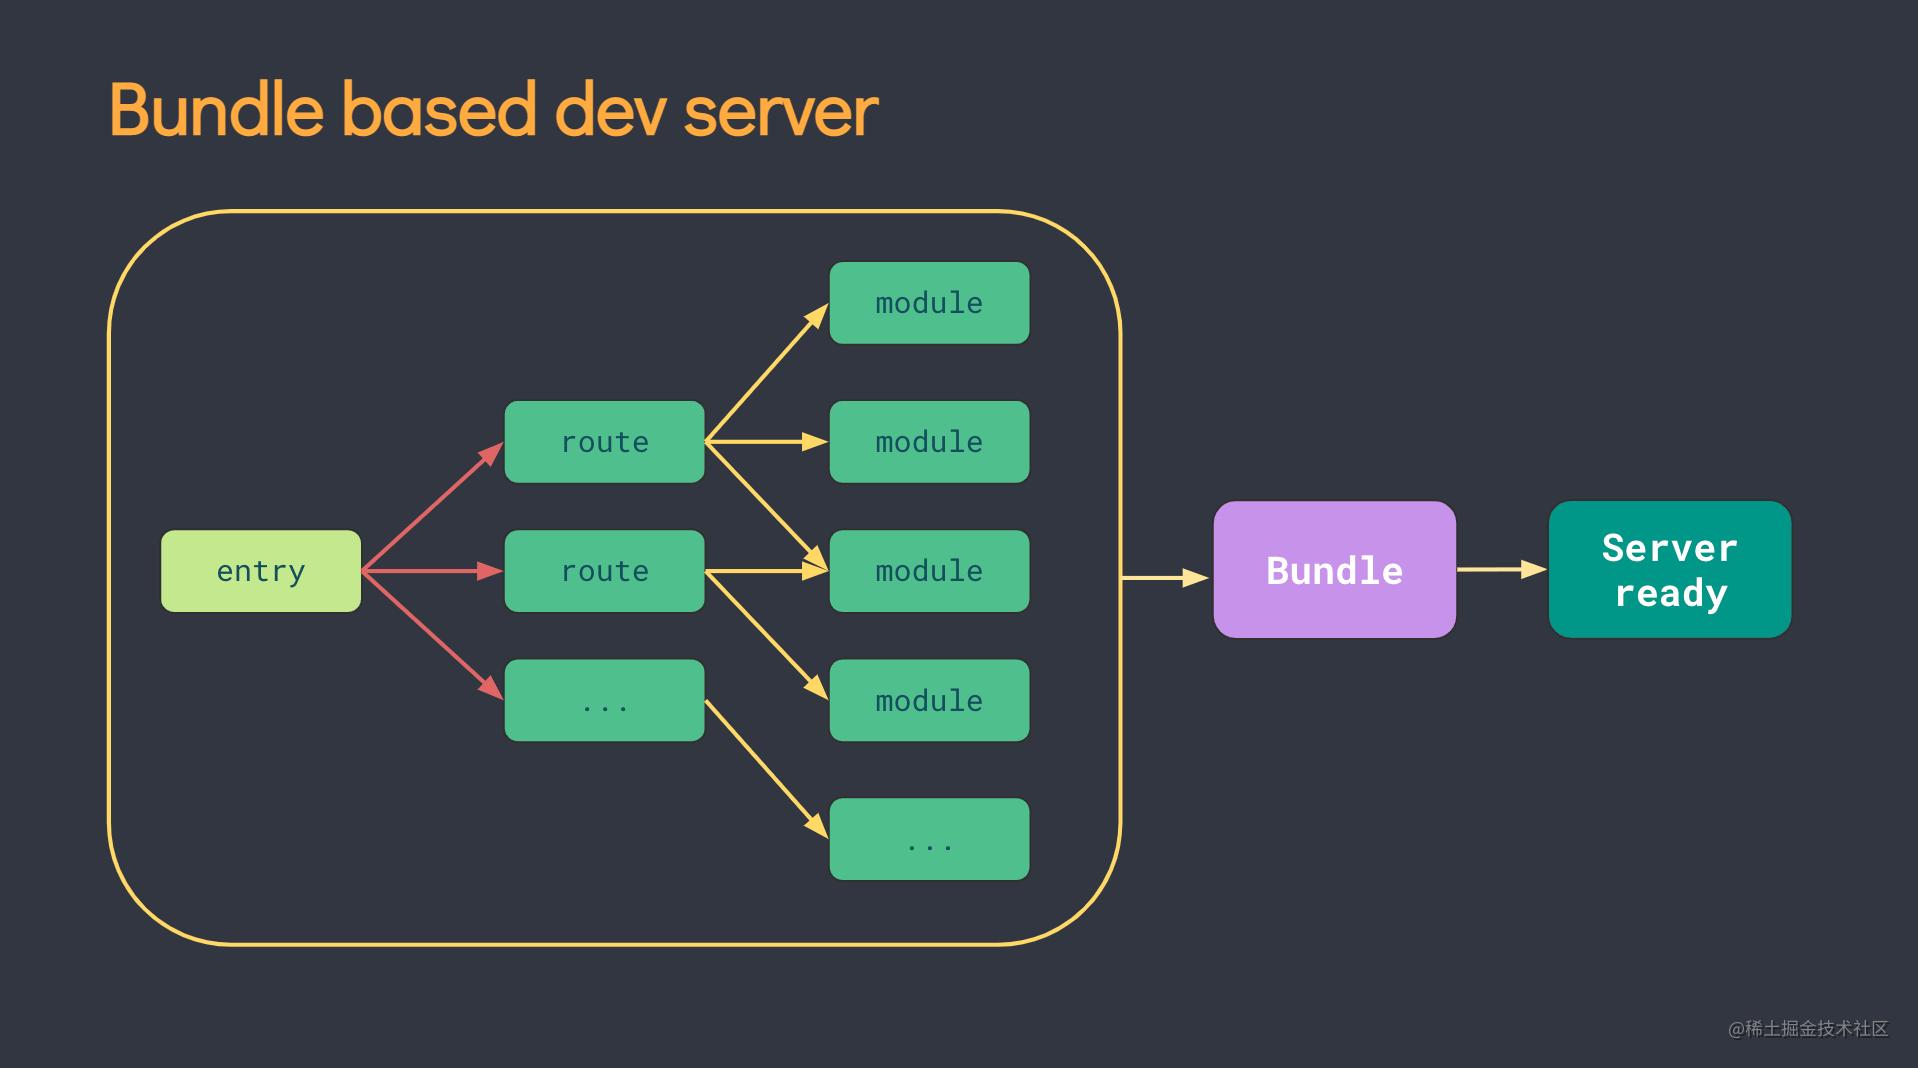 Bundle based dev server